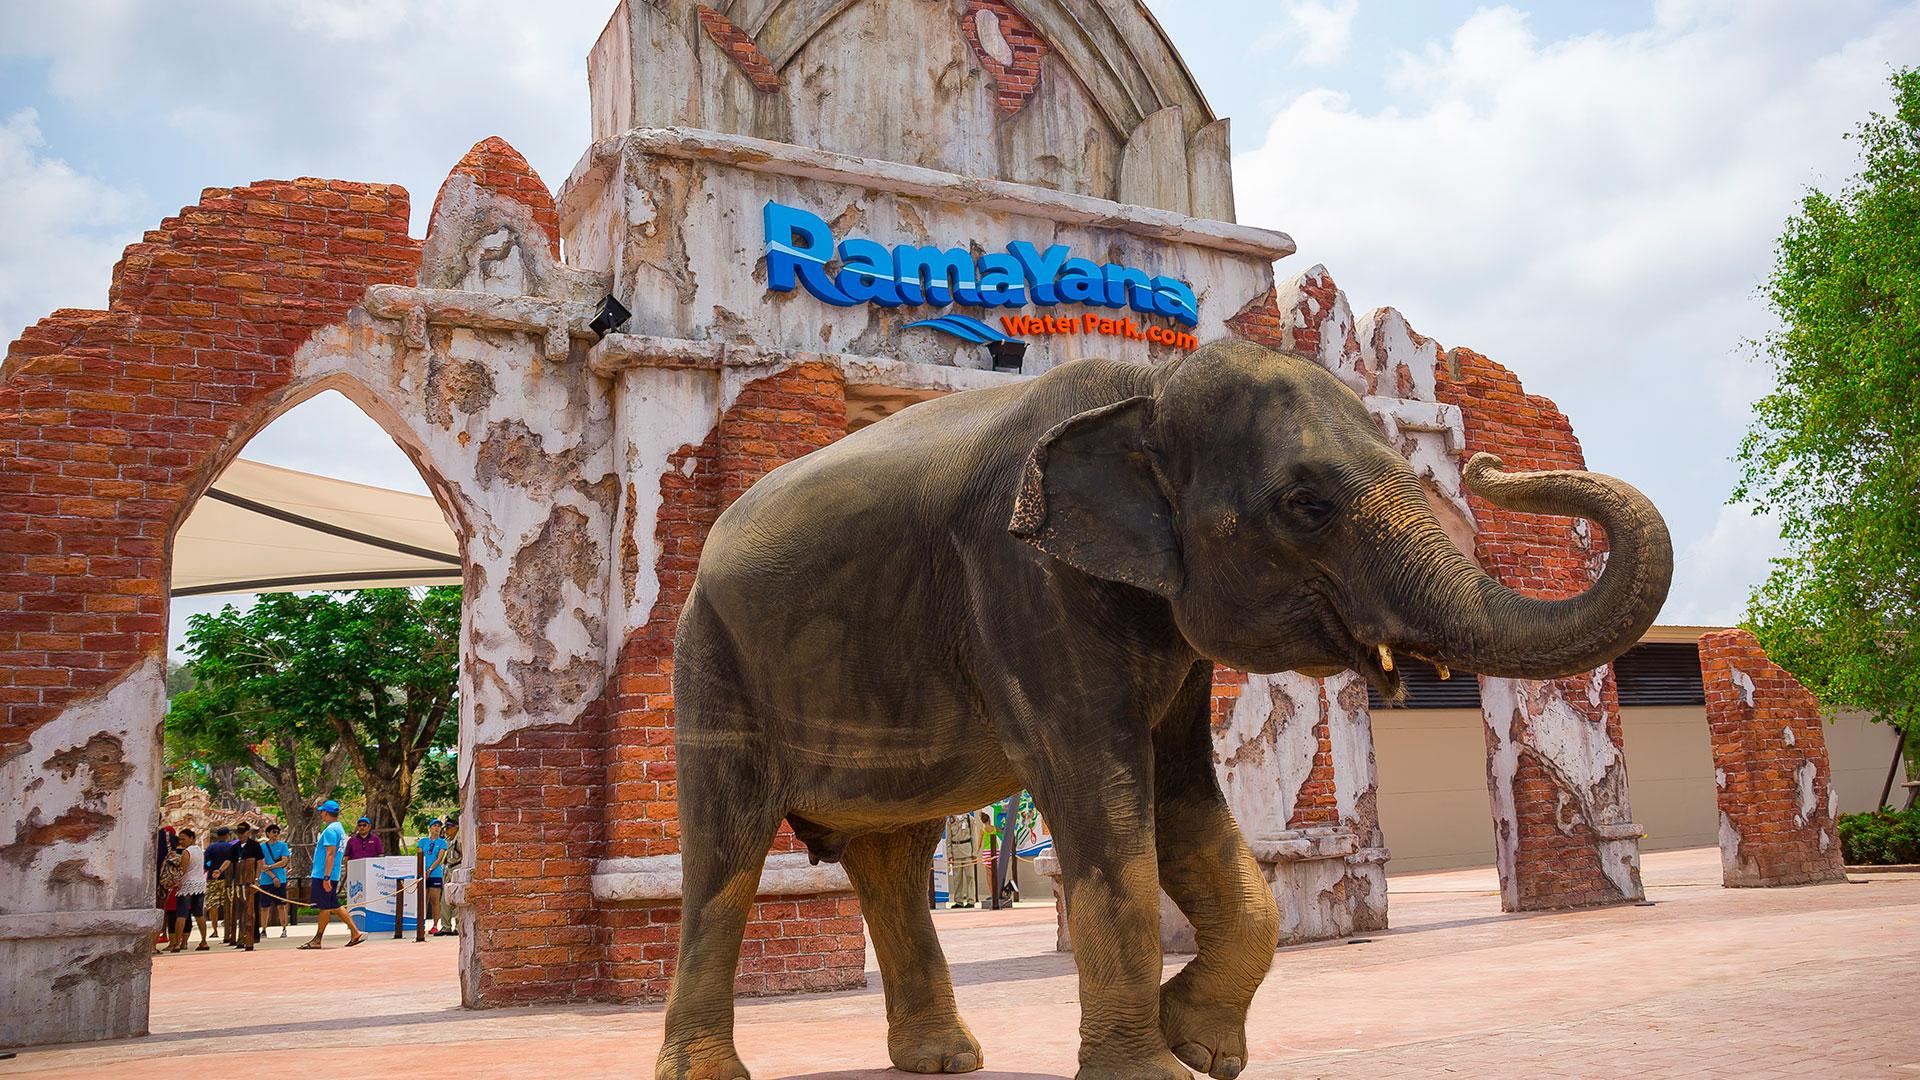 【羅摩衍那水上樂園RamaYana Water Park】東南亞最大最新穎刺激的水上主題樂園,讓你清涼消暑一整天!